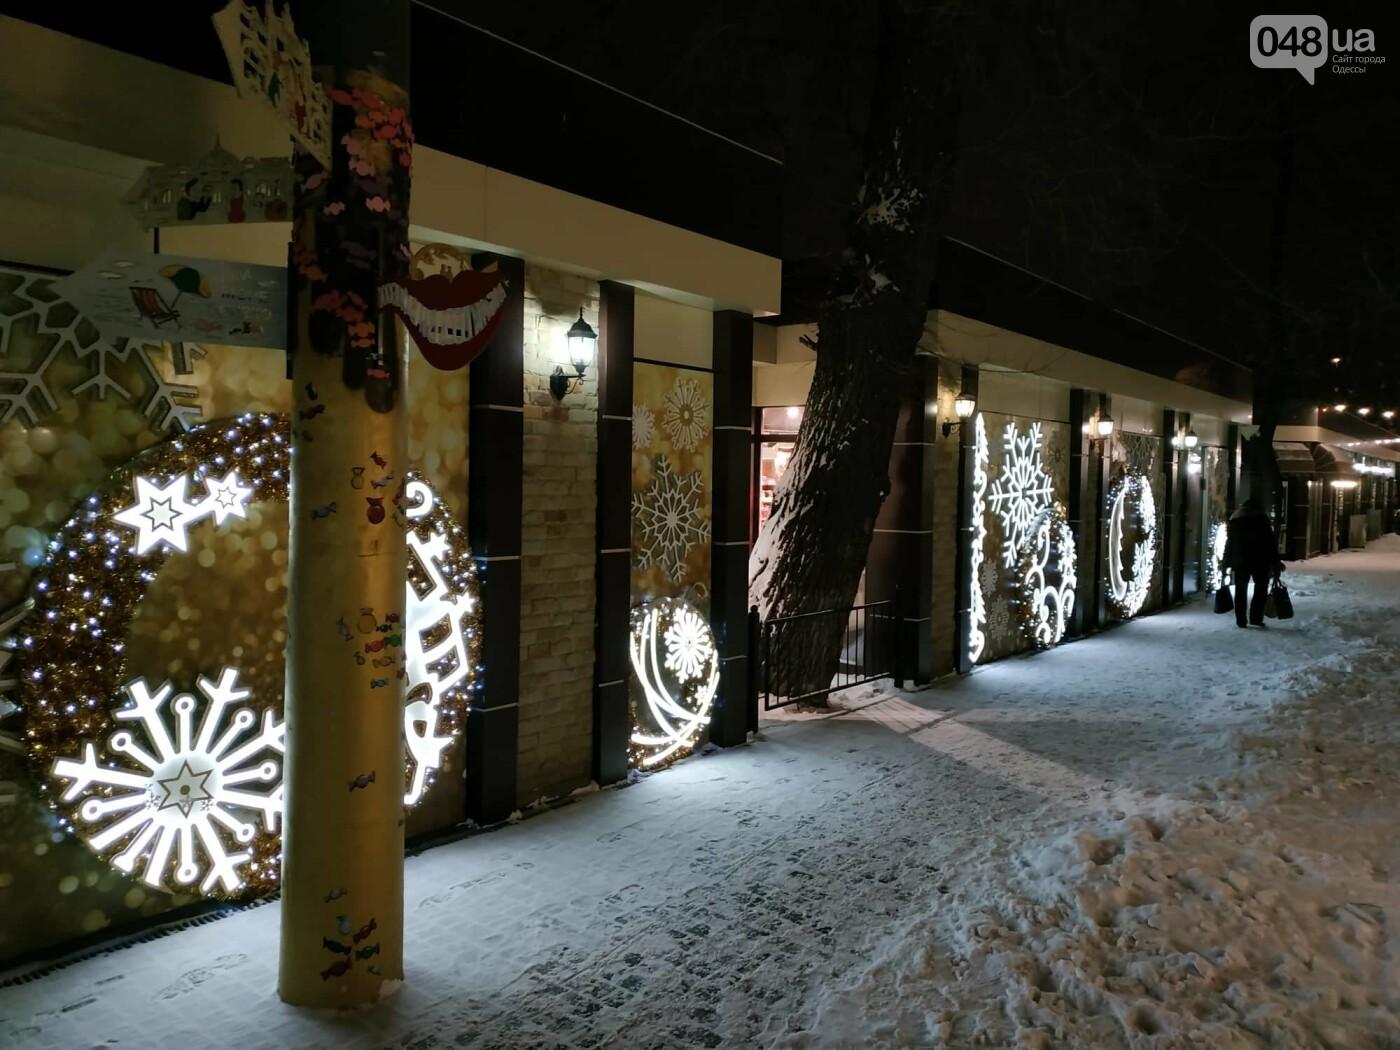 Вместо одесской резиденции Санта Клауса появился Вертеп и самовар на 100 литров, - ФОТО, фото-4